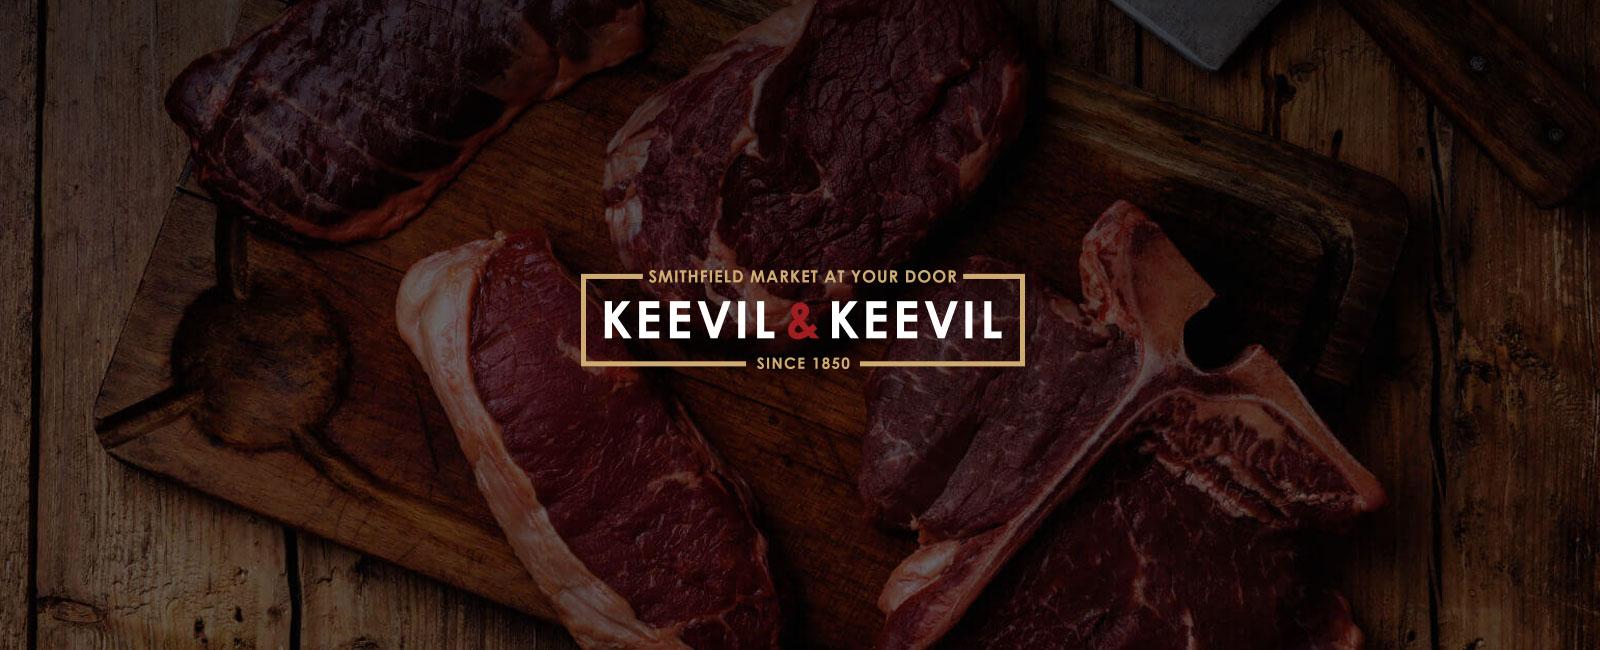 Keevil & Keevil